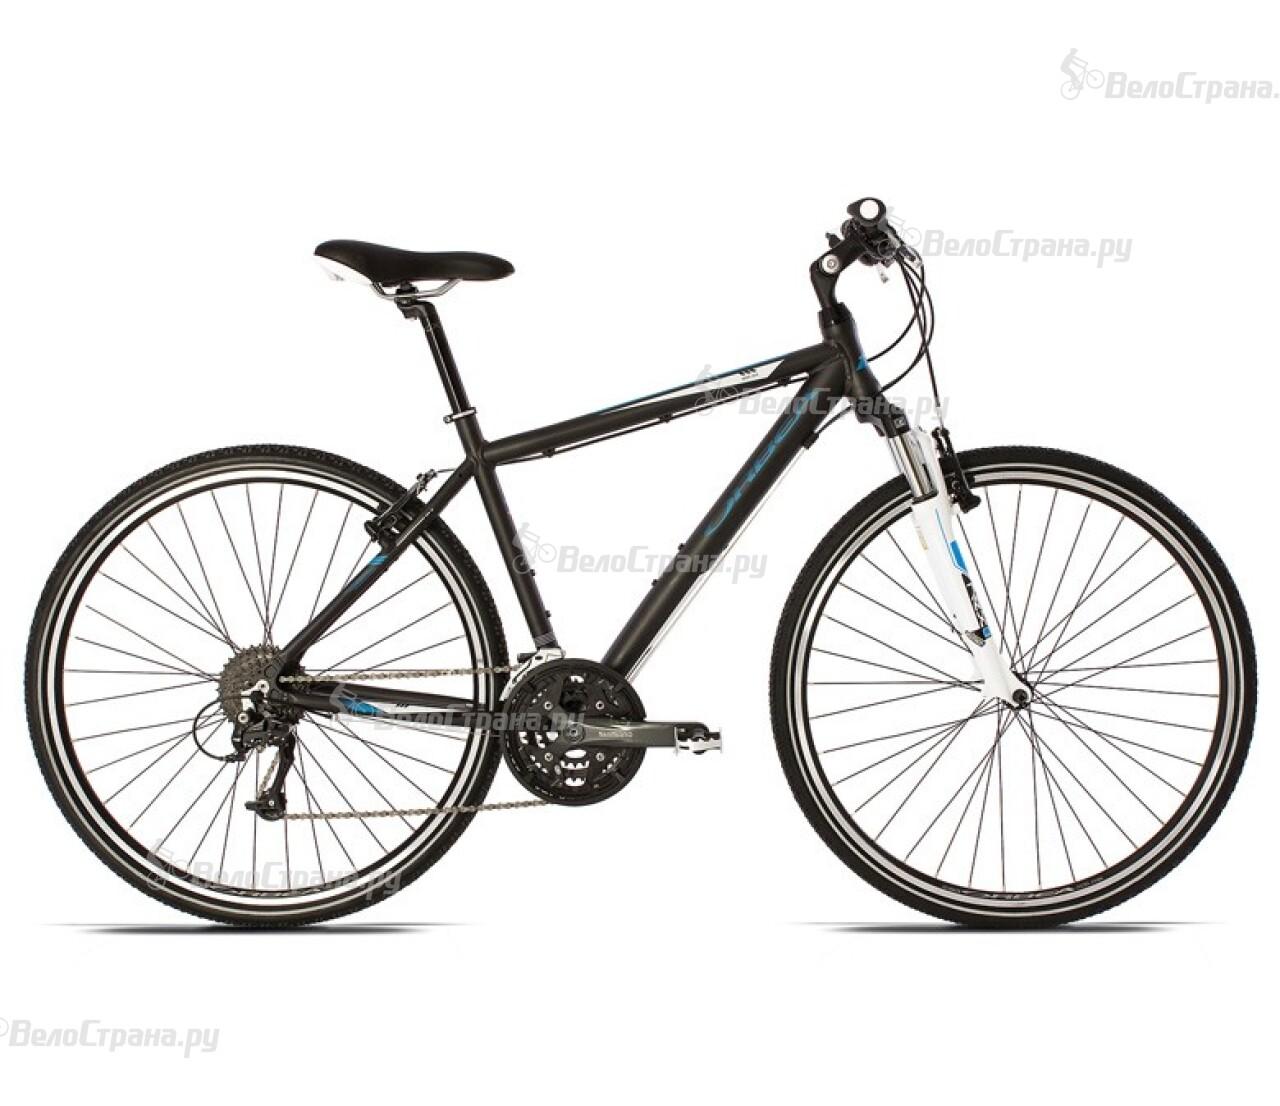 Велосипед Mongoose Crossway 250 Fem (2013) велосипед mongoose switchback comp fem 2013